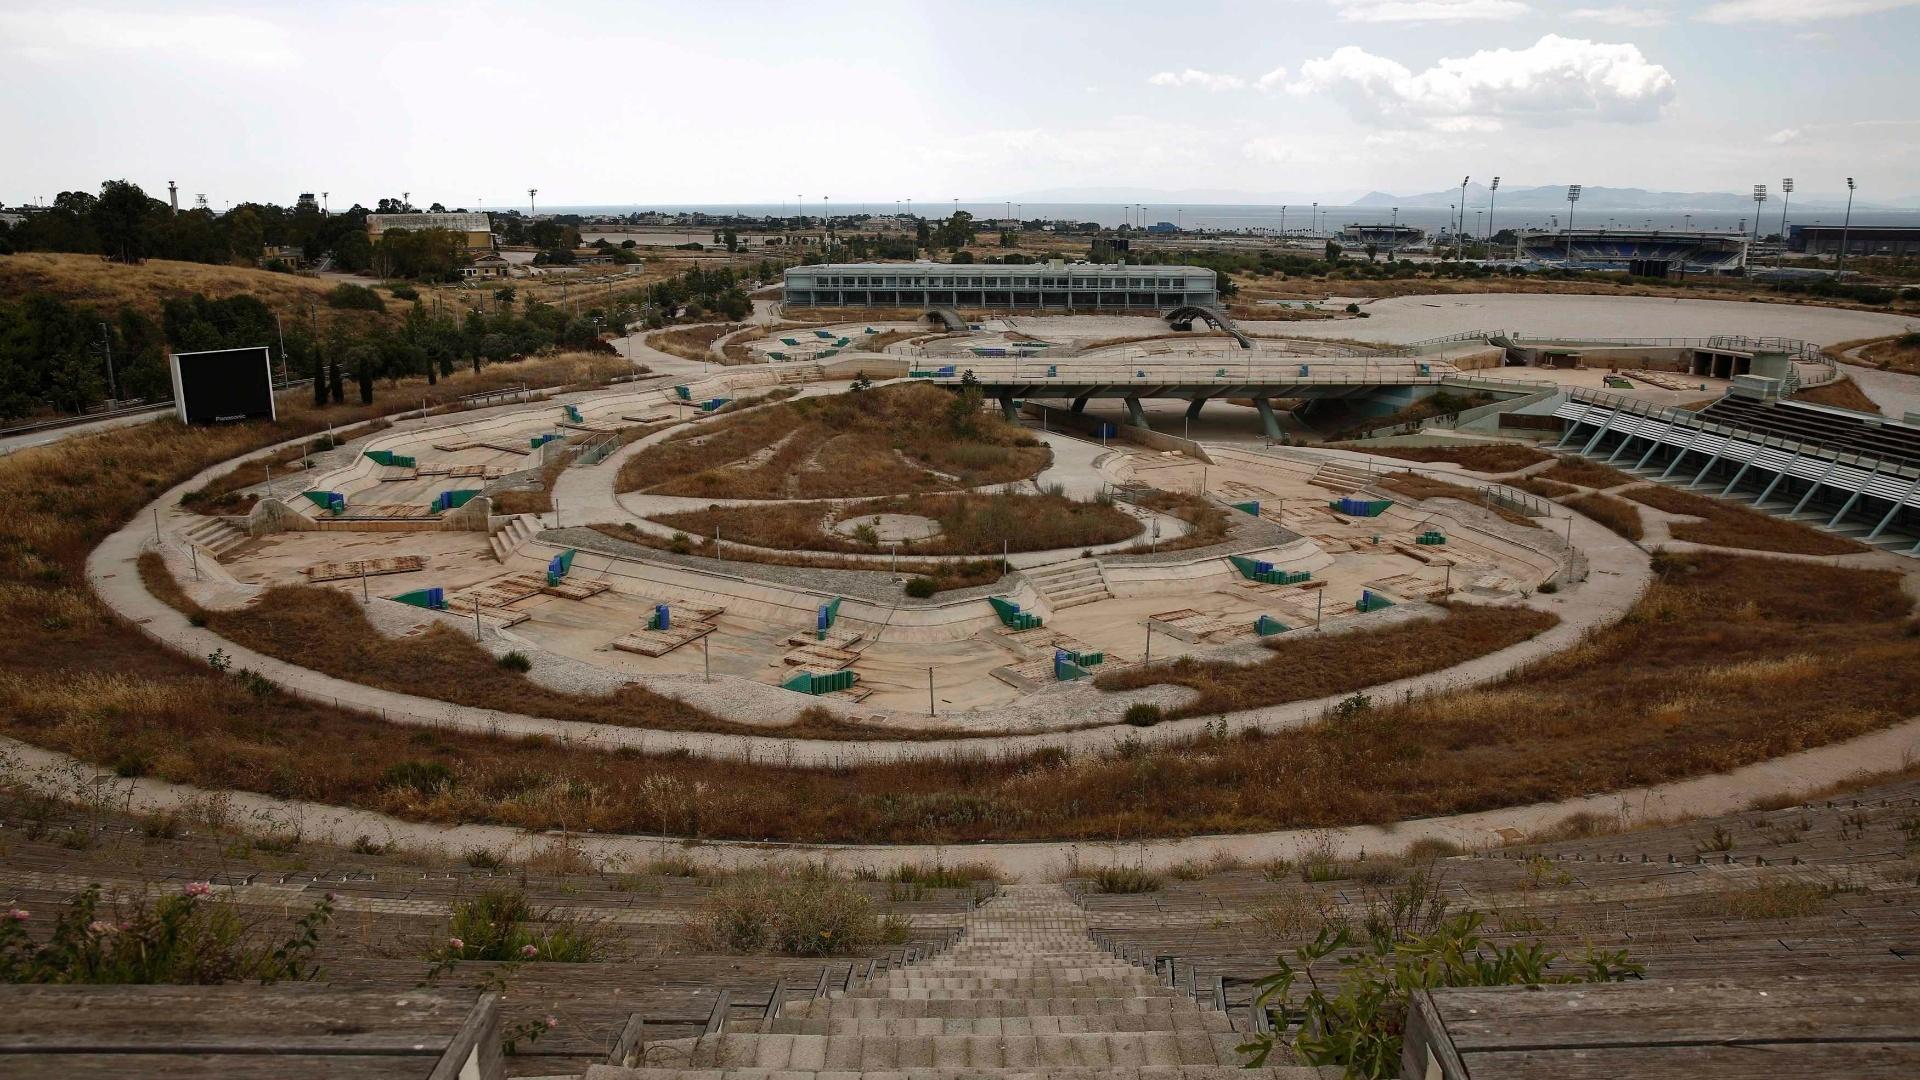 25.jul.2014 - O espaço que abrigou as competições de canoagem nos Jogos Olímpicos de Atenas está sem água e totalmente abandonado 10 anos após a realização do evento